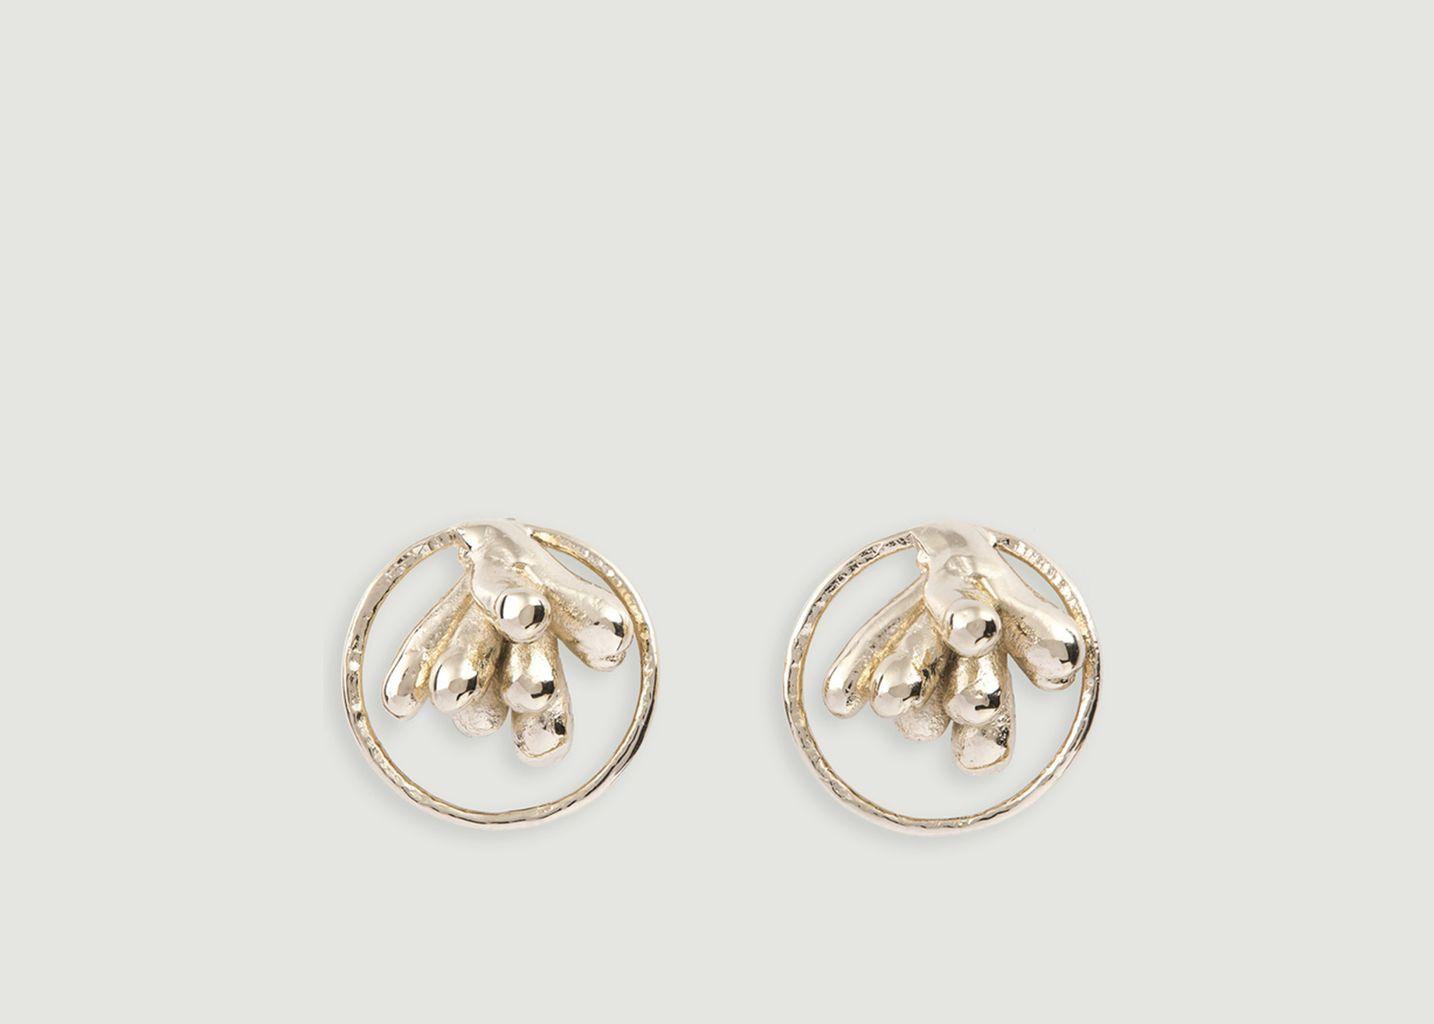 Boucles d'Oreilles Amalgame - Céline Lareynie